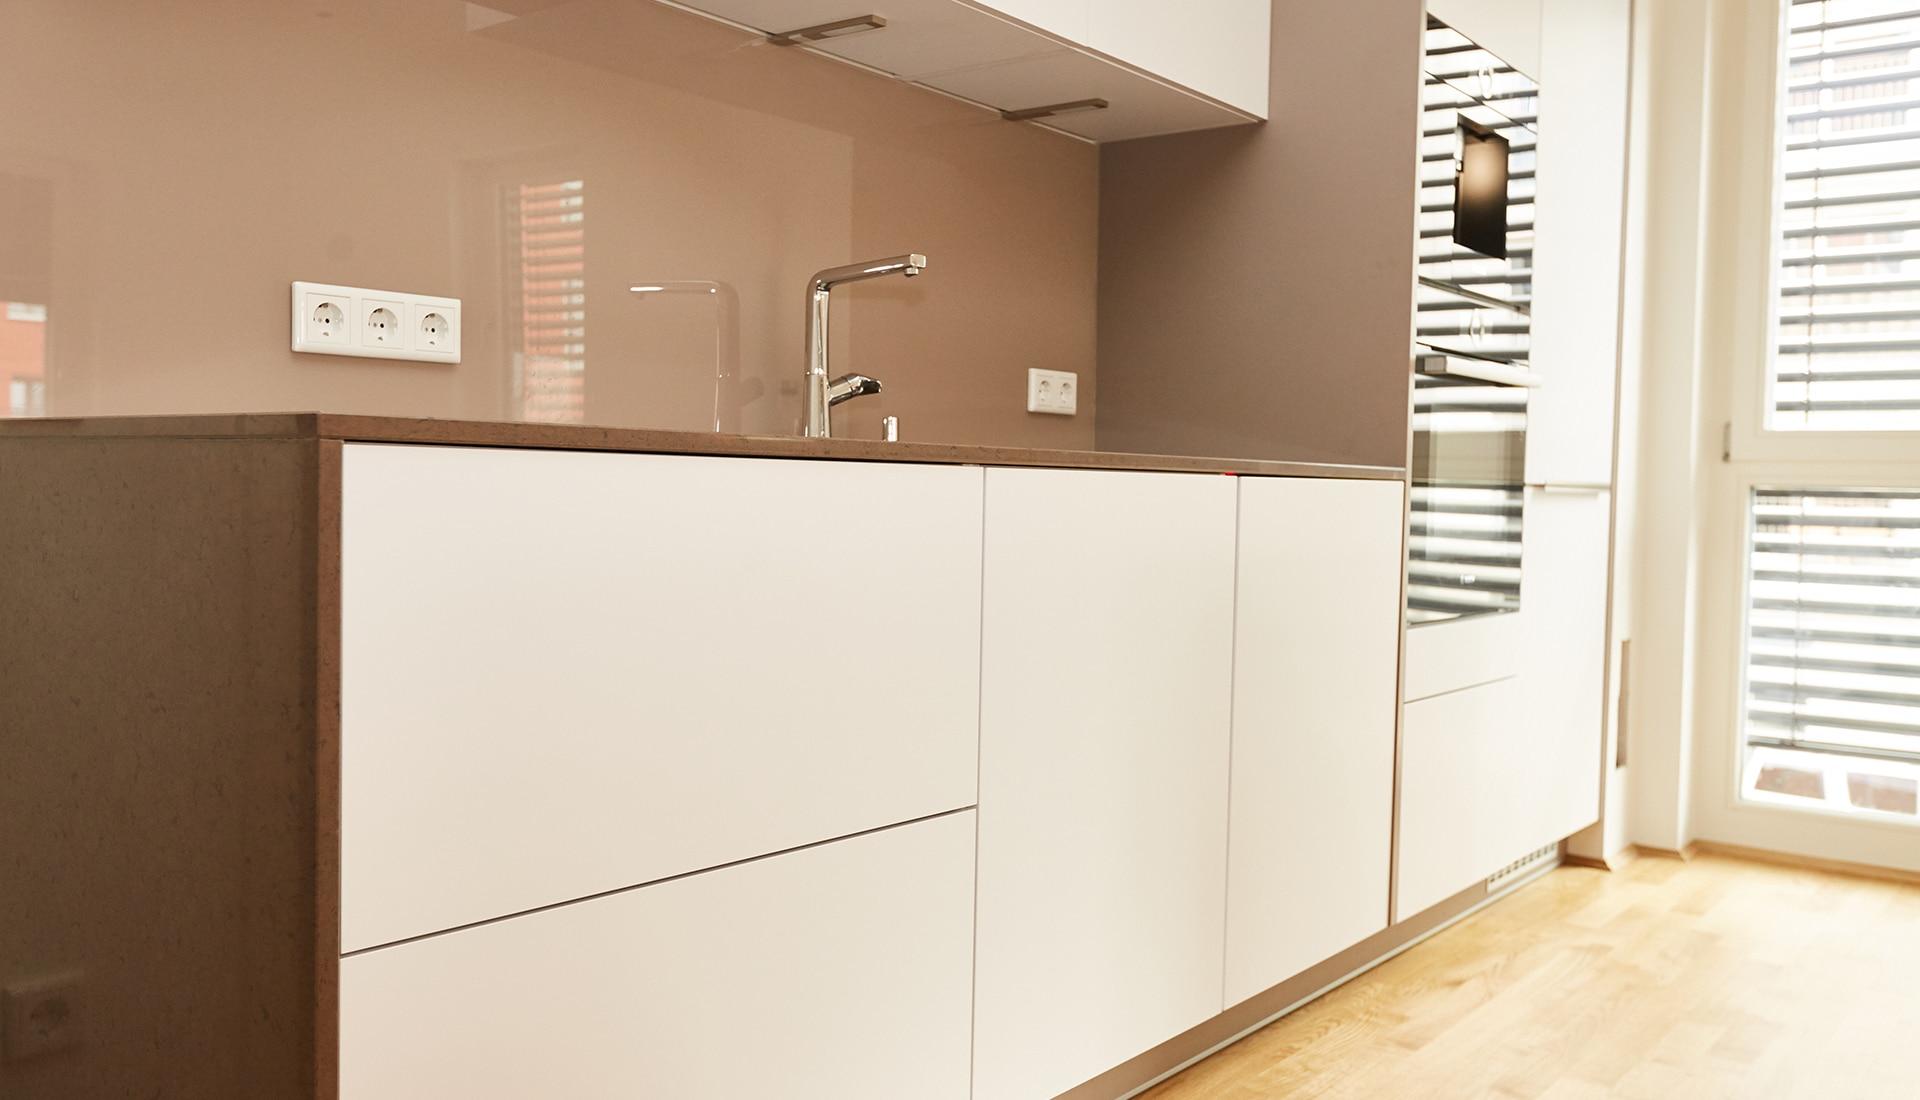 Atemberaubend Entwerfen Sie Ihre Eigene Küchenfliese Aufkantung ...